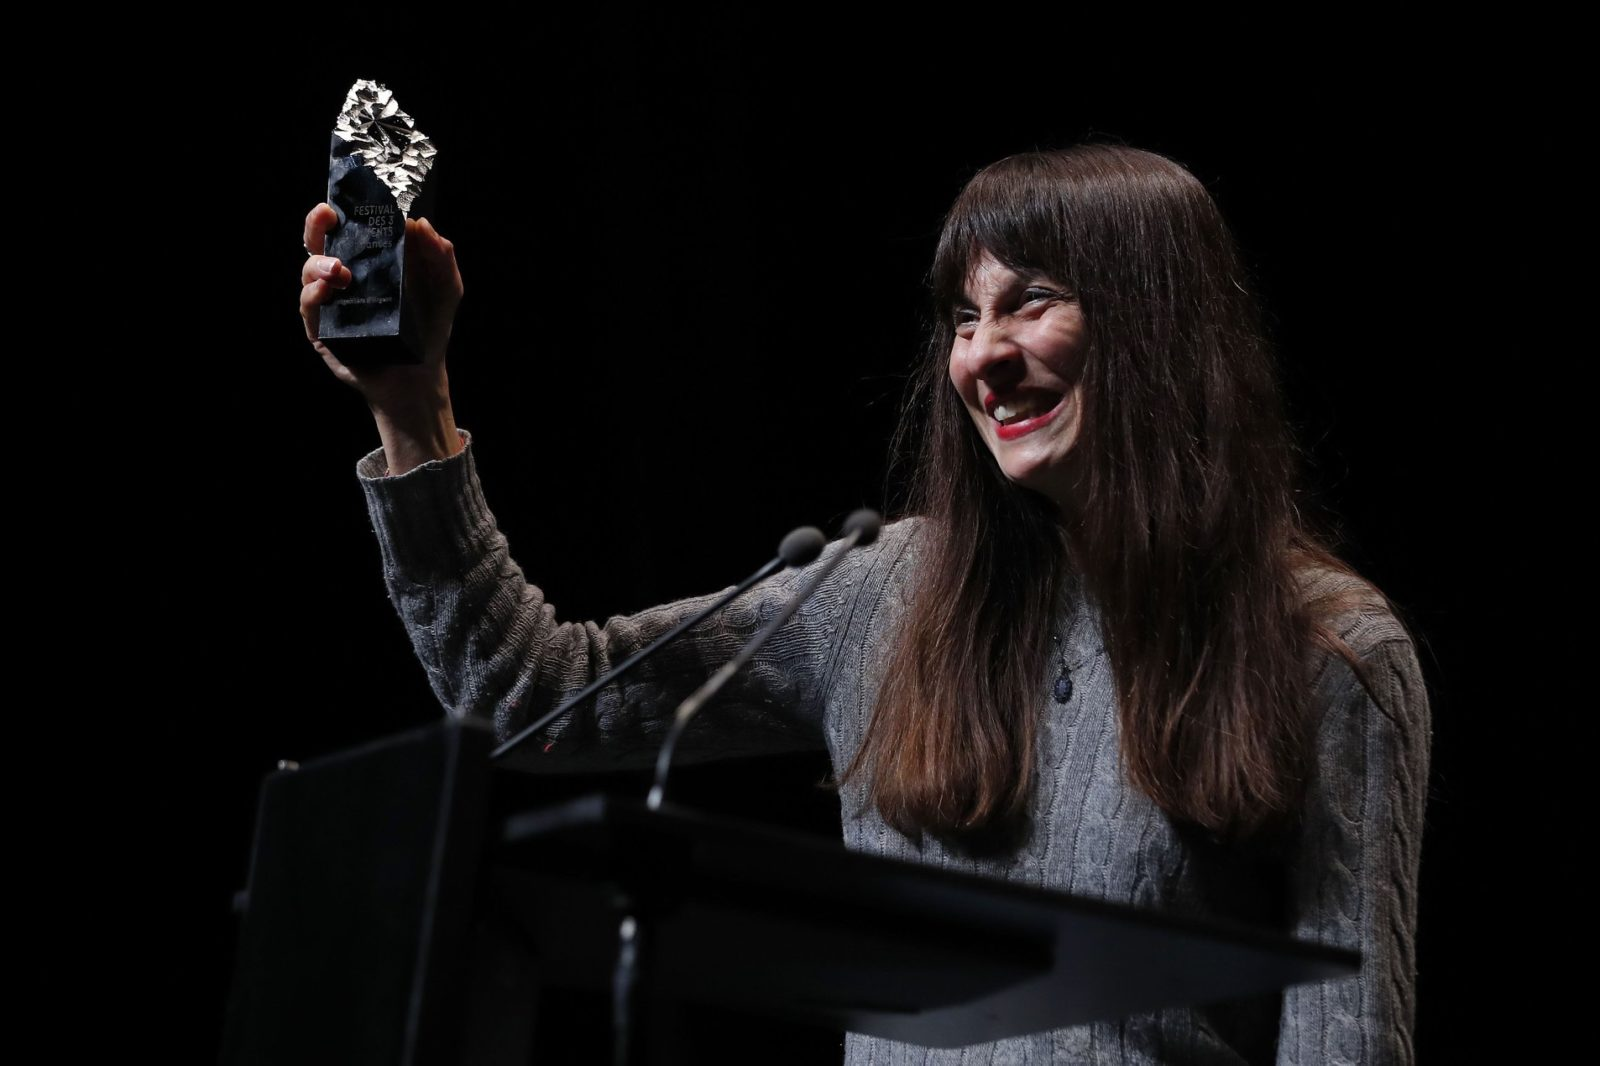 Pascale Ramonda, distributrice internationale, reçoit pour Hassen Ferhani, la Mongolfière d'argent, remportée par le film documentaire 143 rue du Désert ©S Mahé